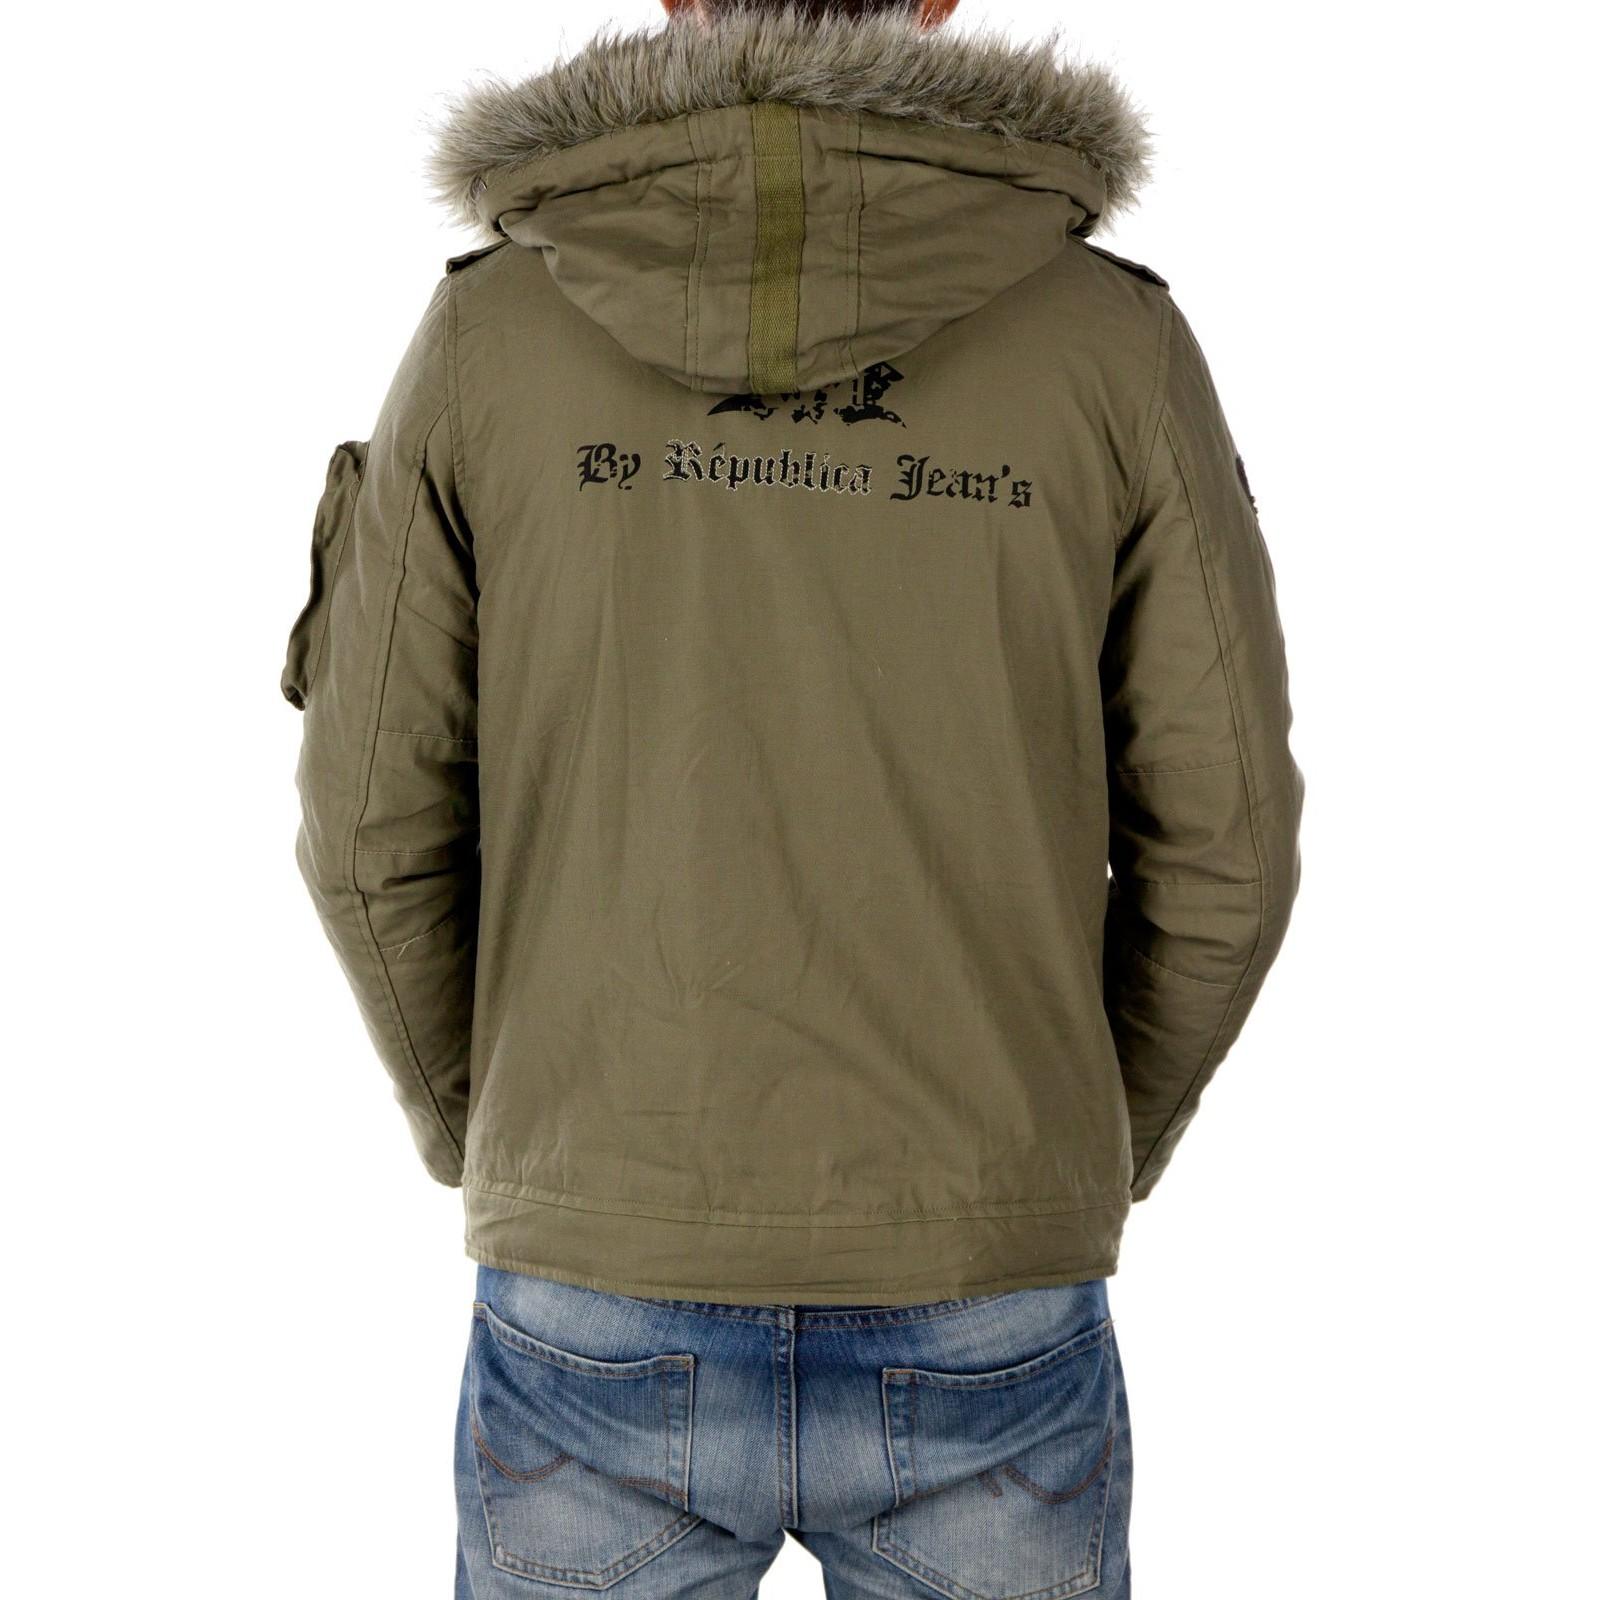 jacke herren winterjacke outdoorjacke mantel parka dicke. Black Bedroom Furniture Sets. Home Design Ideas